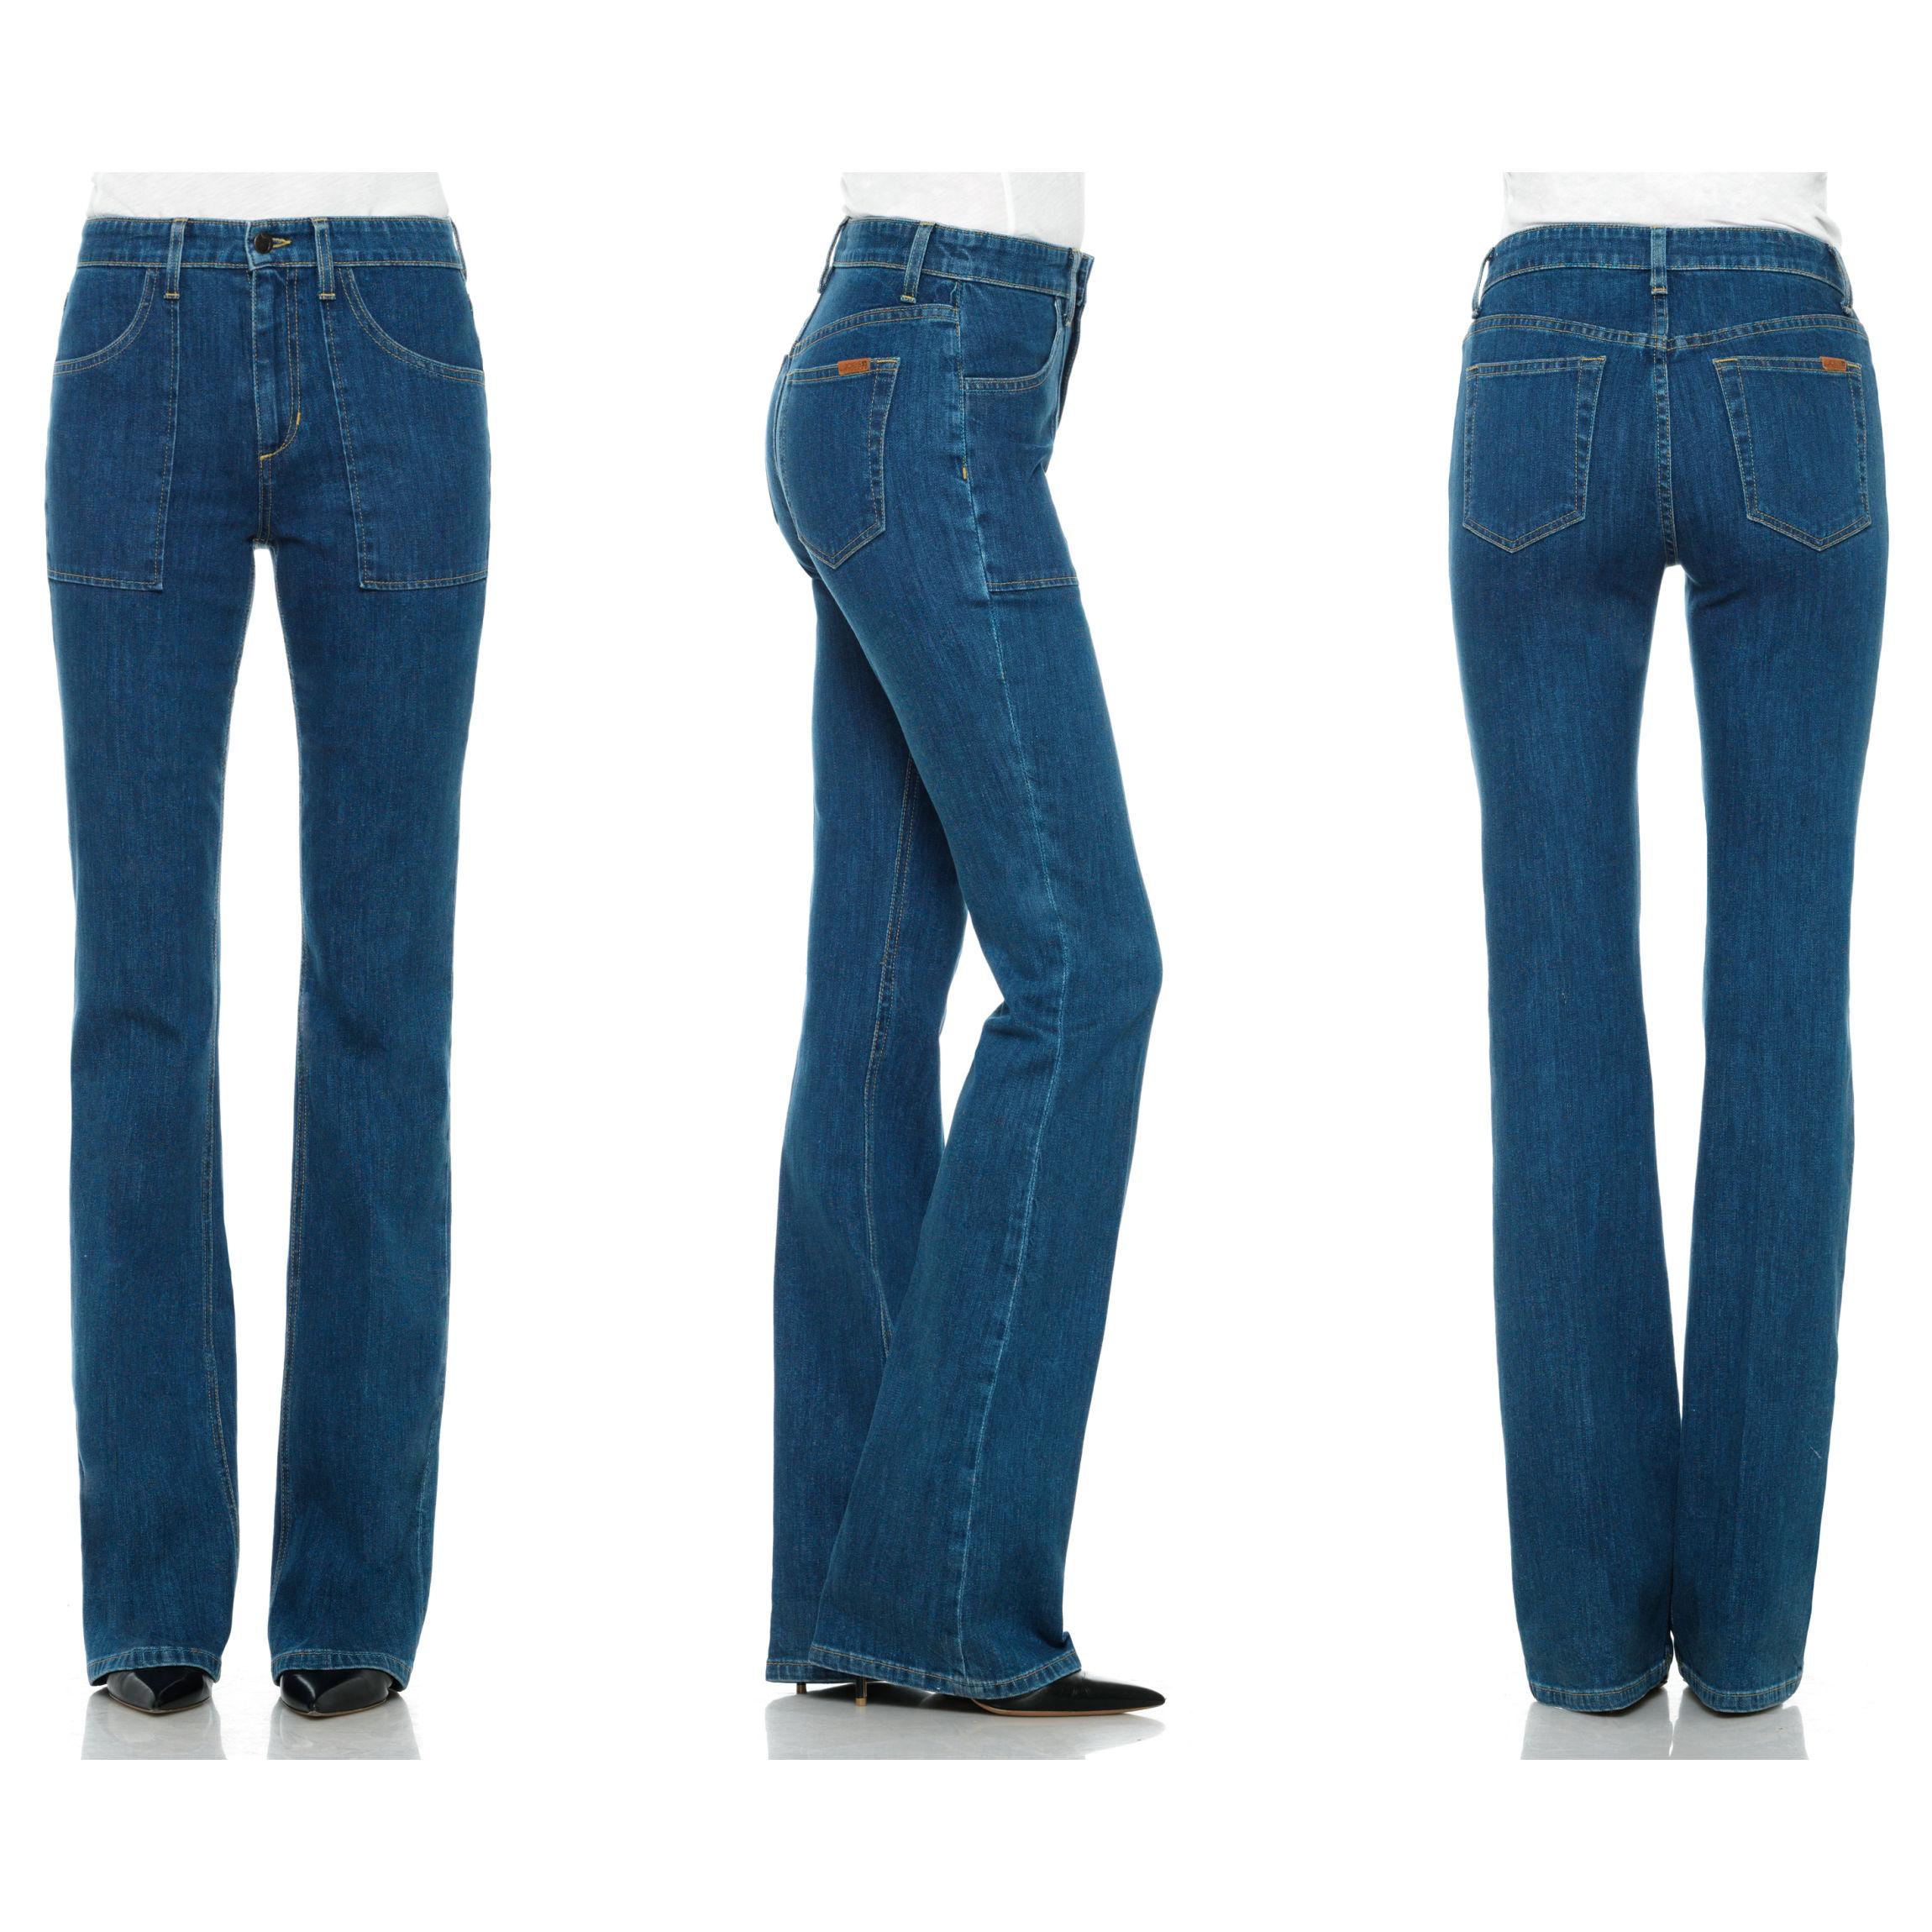 Charlie Flare Shop Designer Clothes, Premium Denim Jeans | JOE'S Jeans